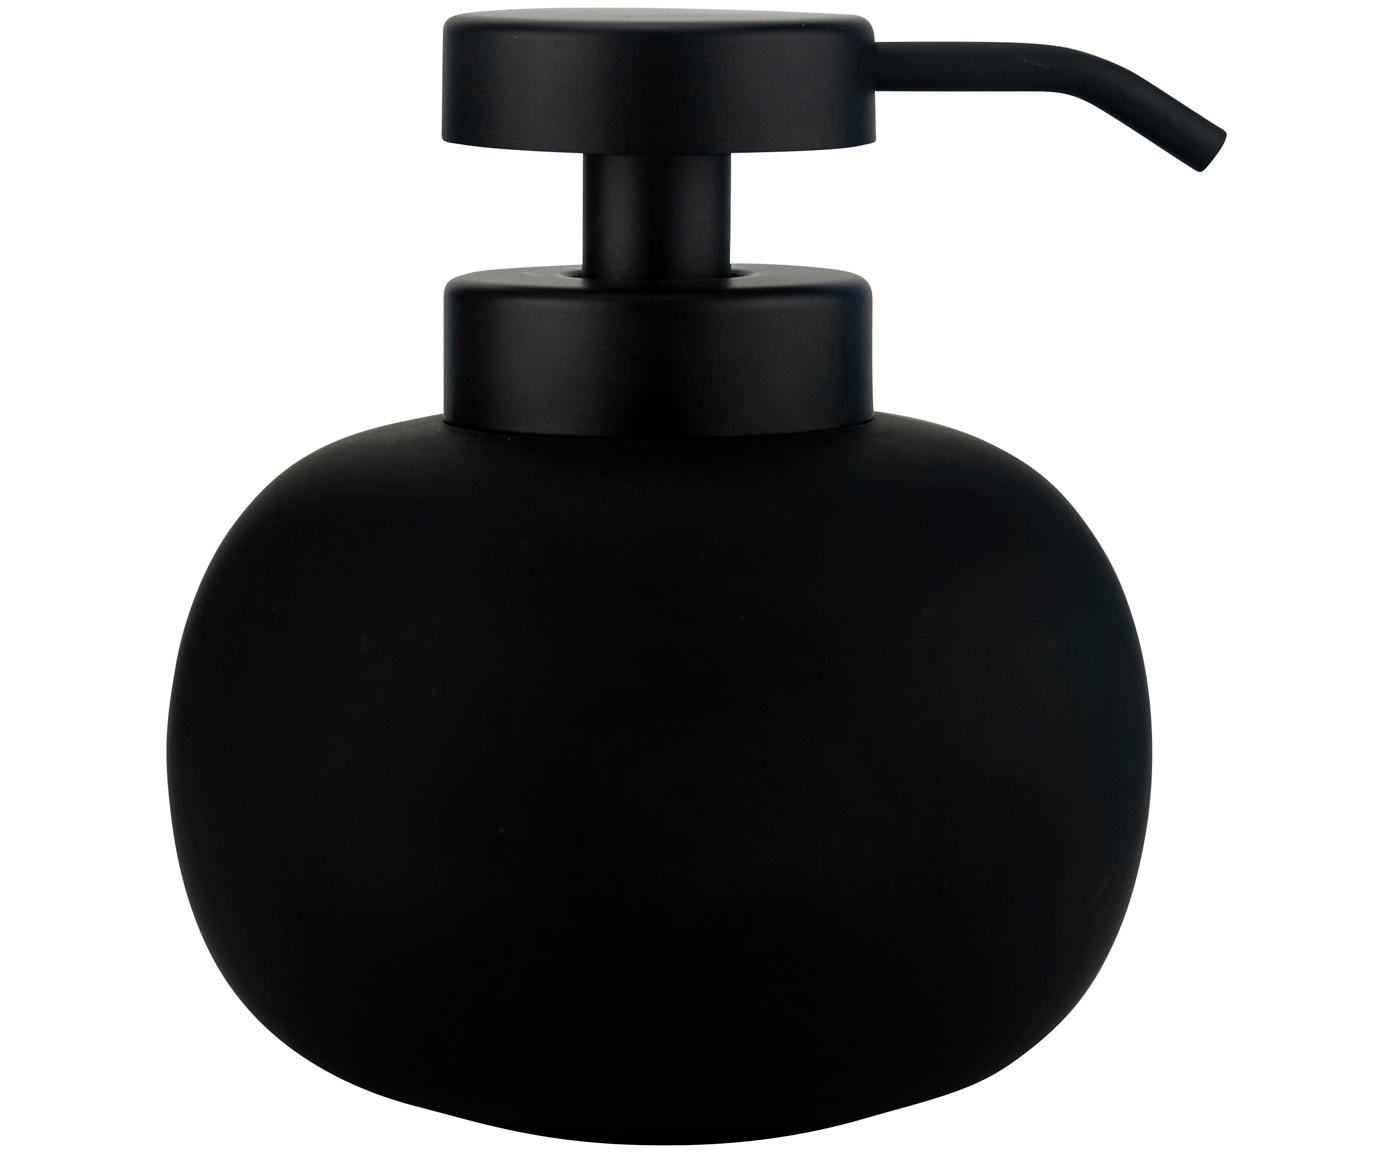 Dosatore di sapone Lotus, Contenitore: ceramica, Testa della pompa: metallo, Nero, Ø 11 x A 13 cm